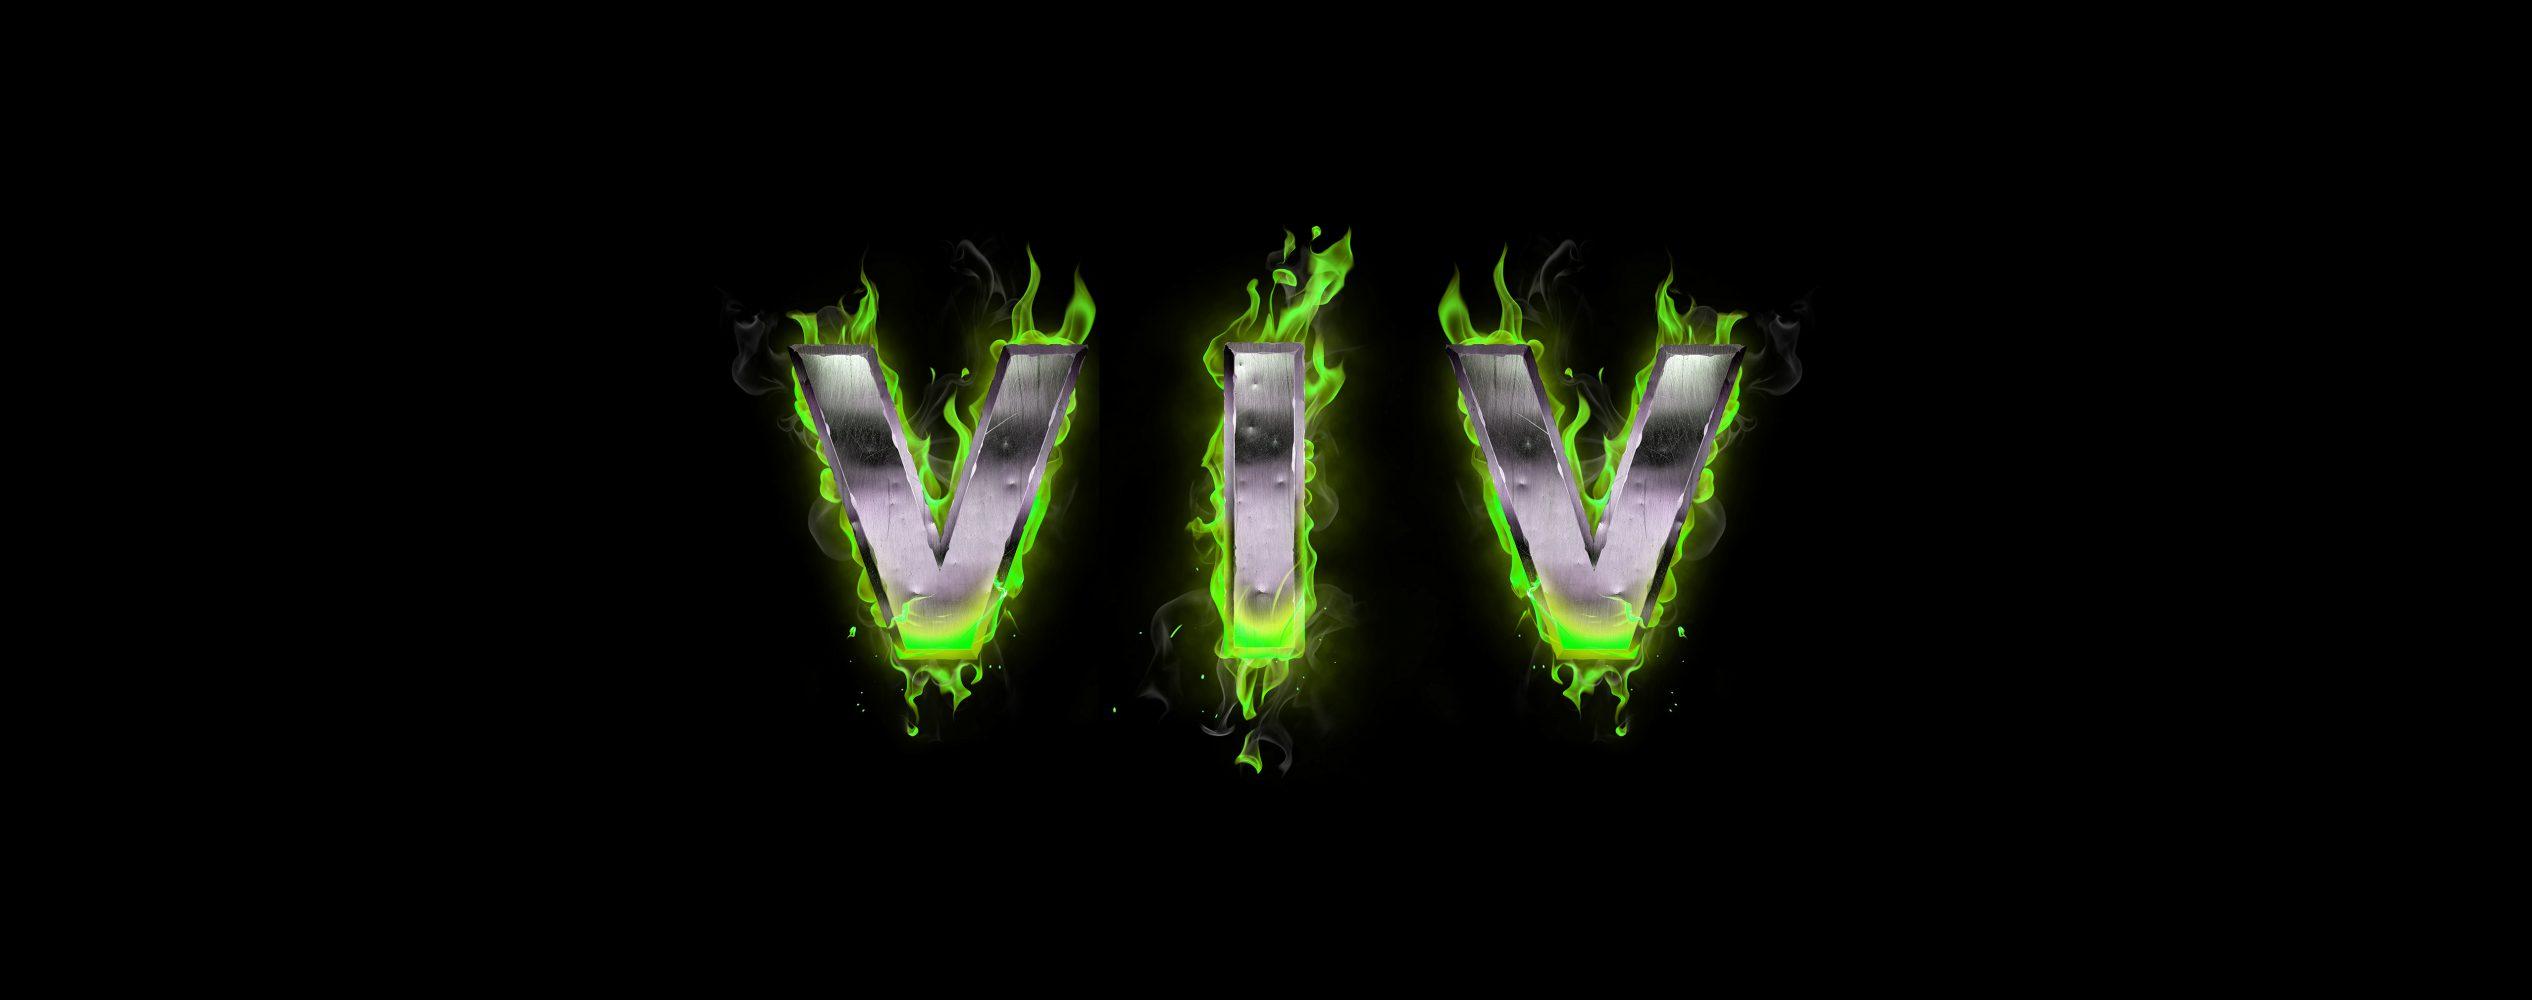 ViV Werbeagentur Logo aus Metall mit grünen Flammen